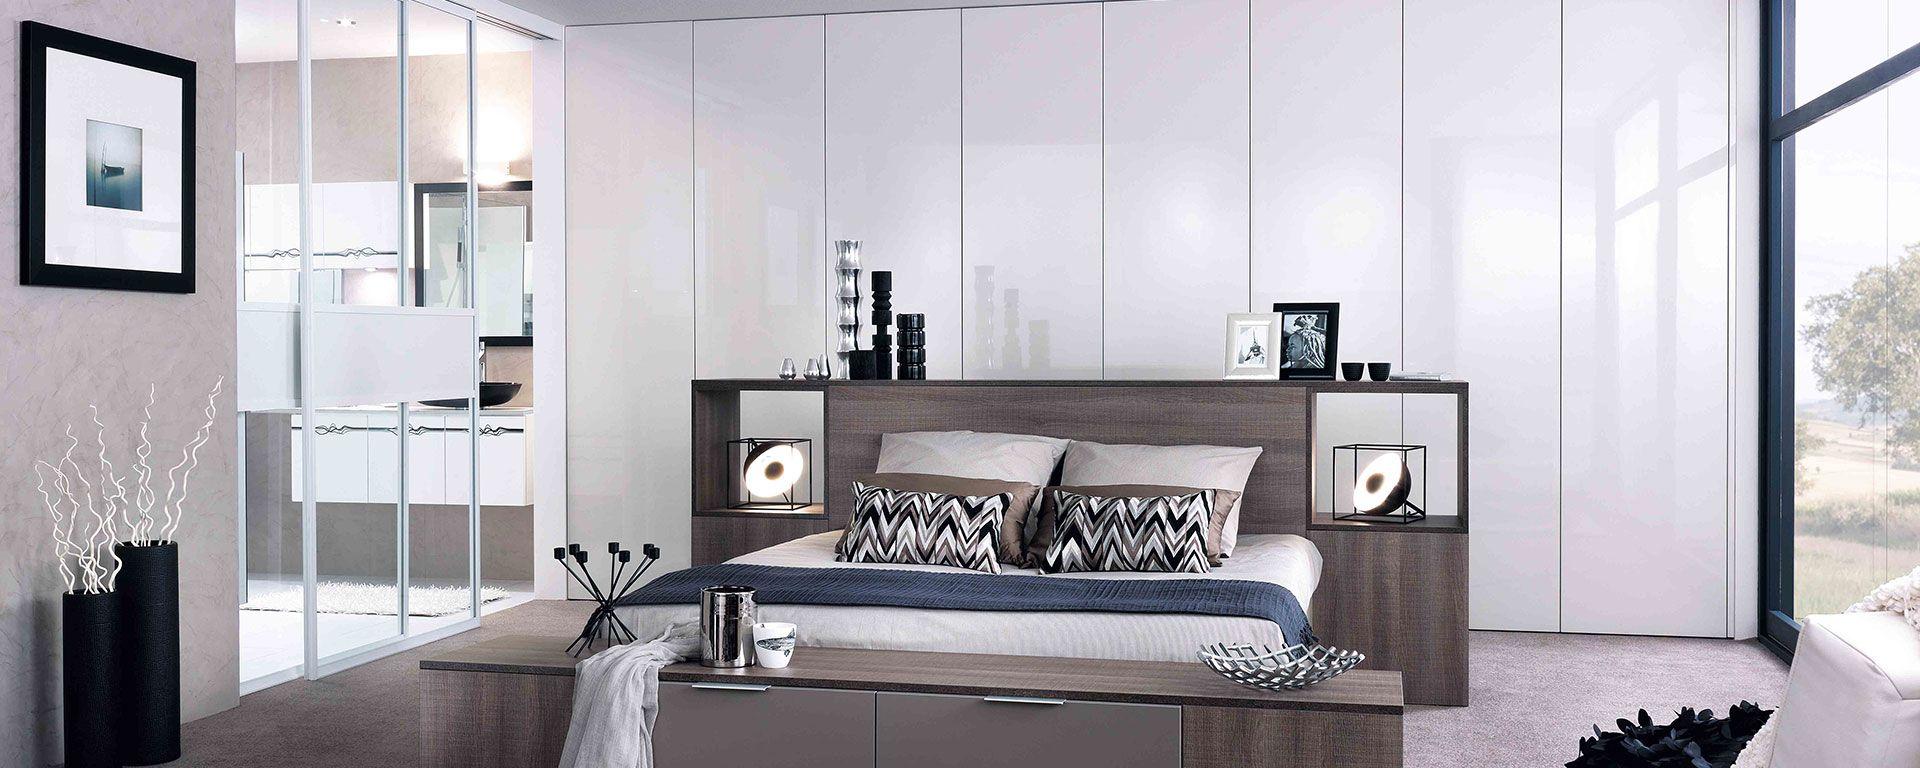 Linéaire, façade verni, blanc brillant. Tête de lit mélaminé, chêne scié gris structuré.